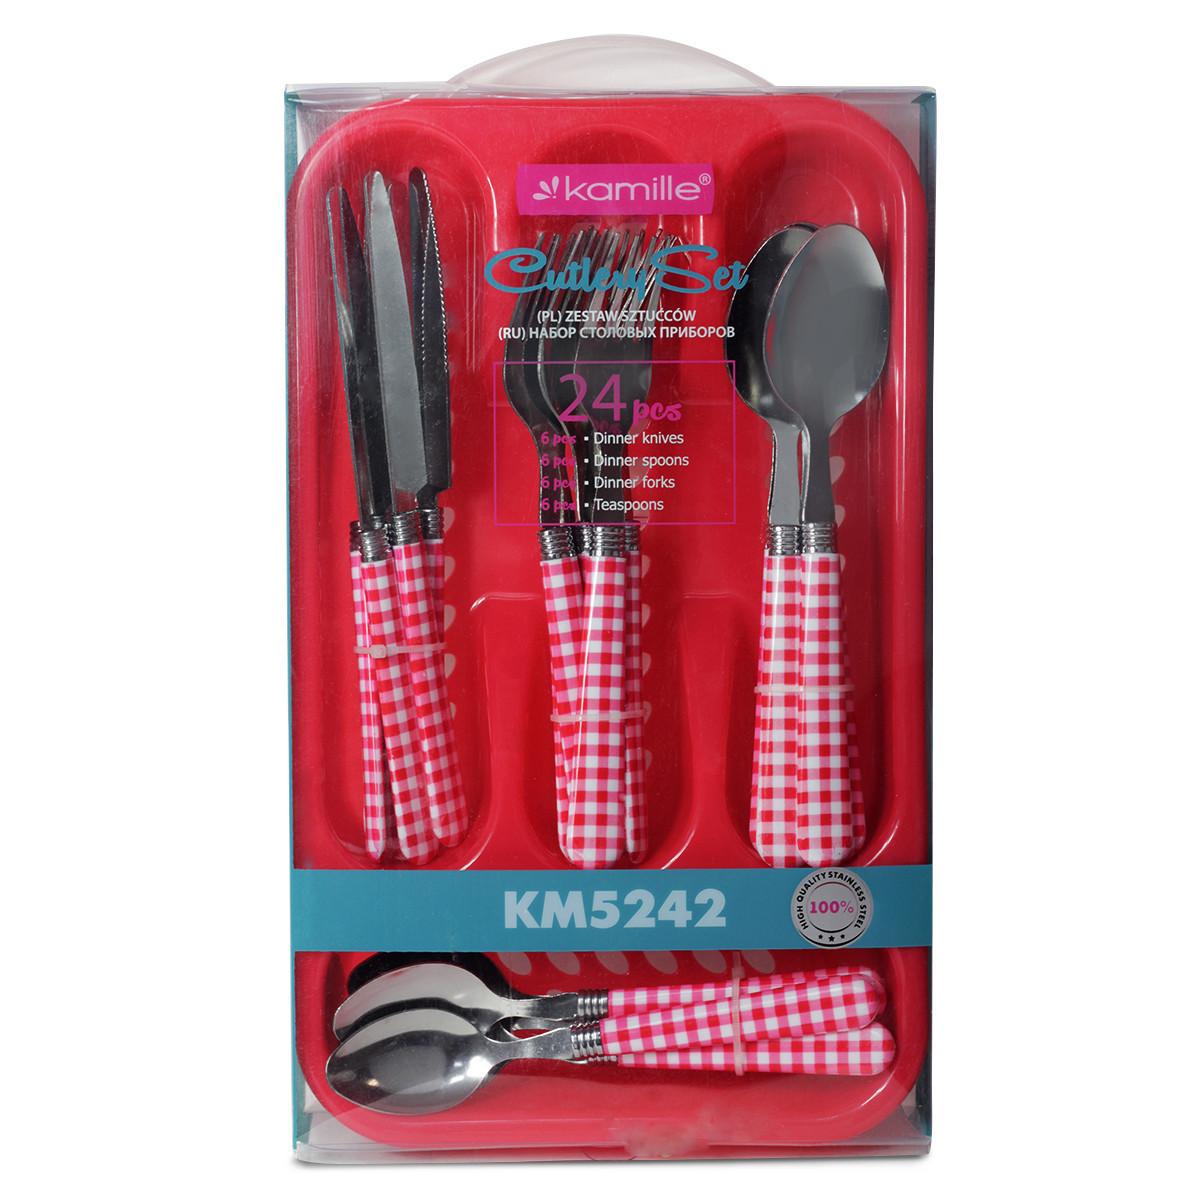 Набір столових приладів Kamille 24 пр. з нержавіючої сталі з пластиковими ручками і підставкою 5242